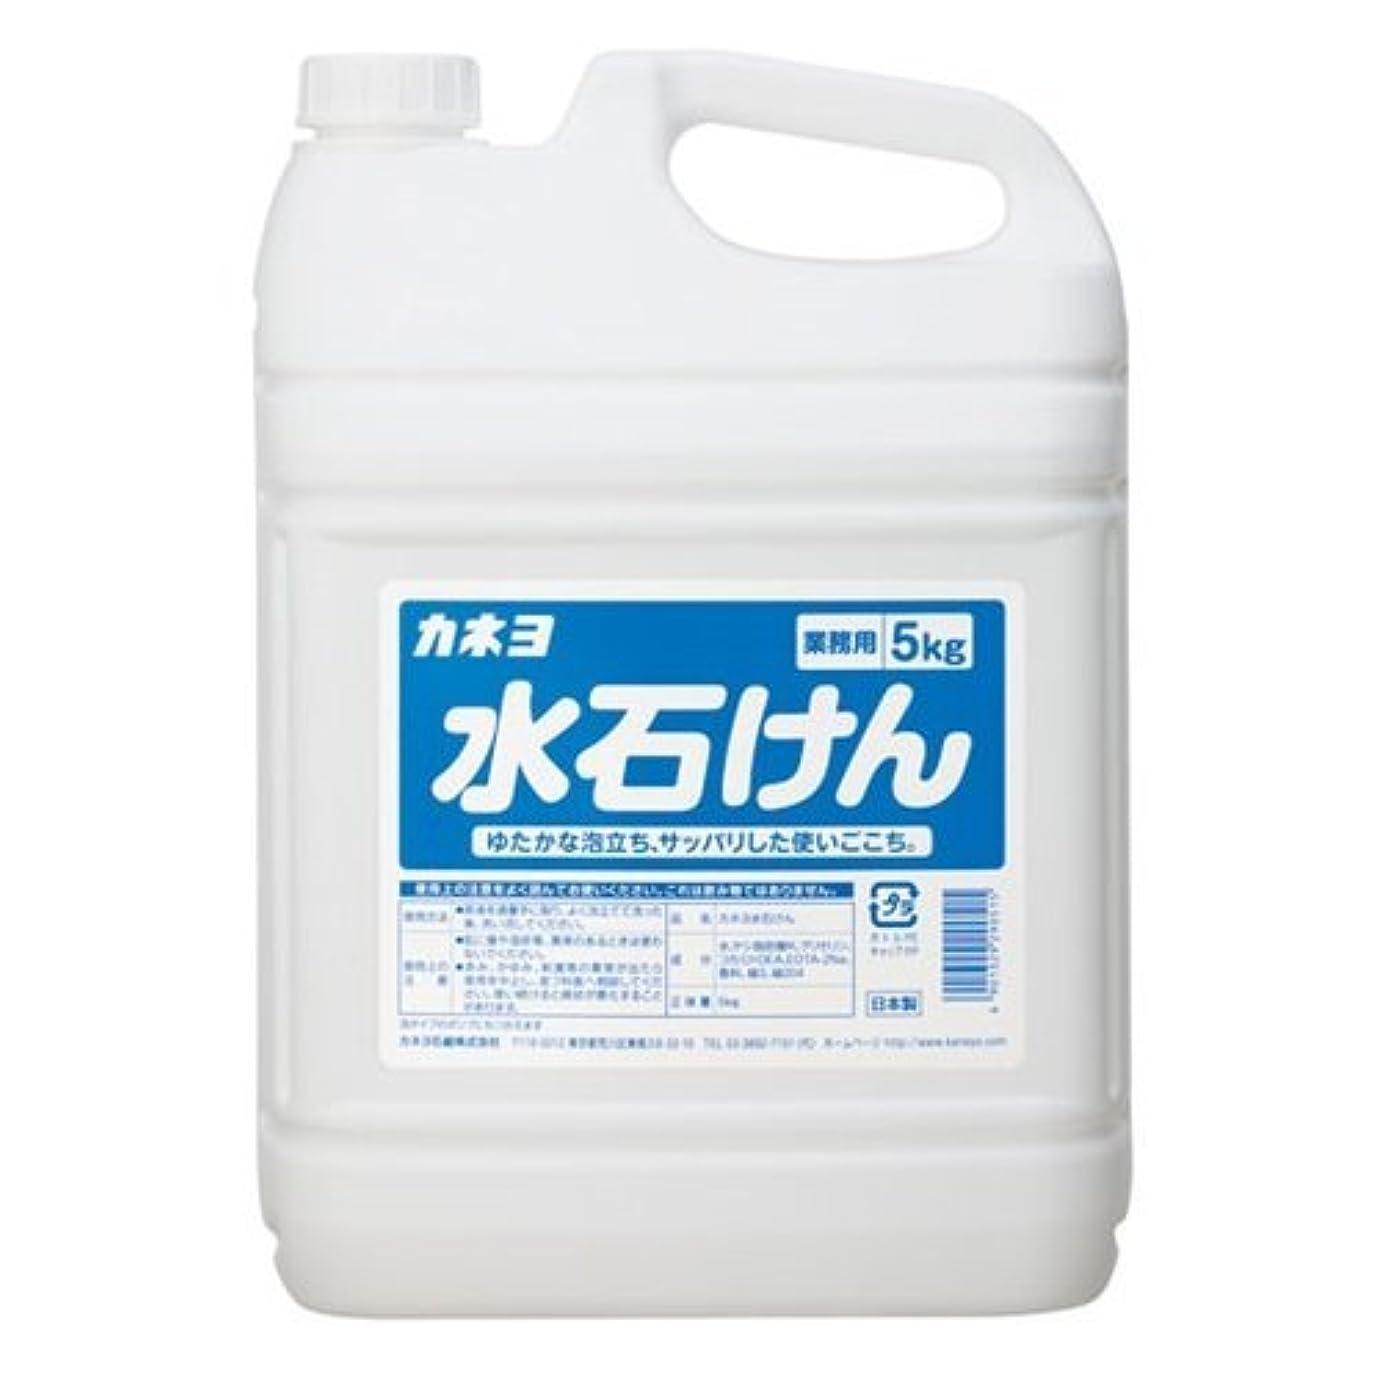 後イブニングチャンス【ケース販売】業務用 カネヨ水石けん 5㎏×3本